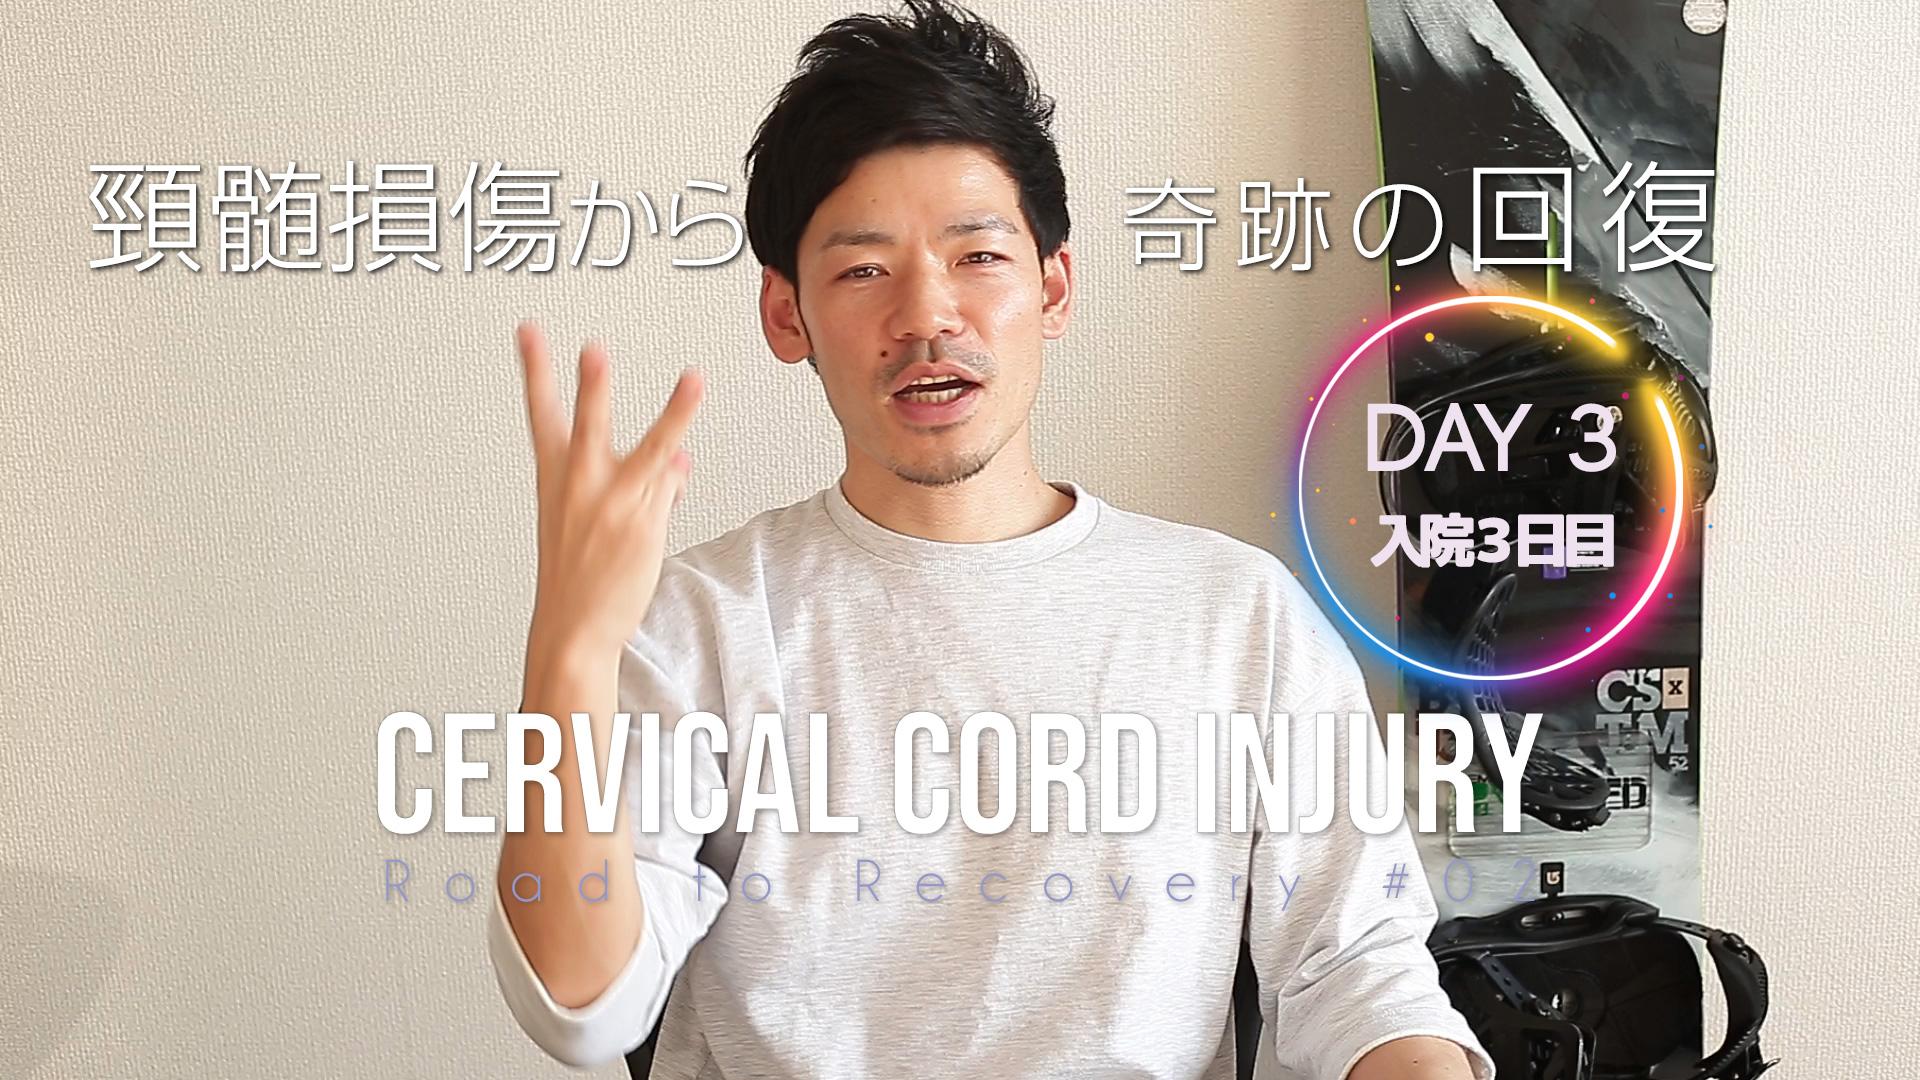 頸髄損傷事故「医療の現場に物申す」(入院3日目)病院の管理体制や問題点 患者が負担だと感じること